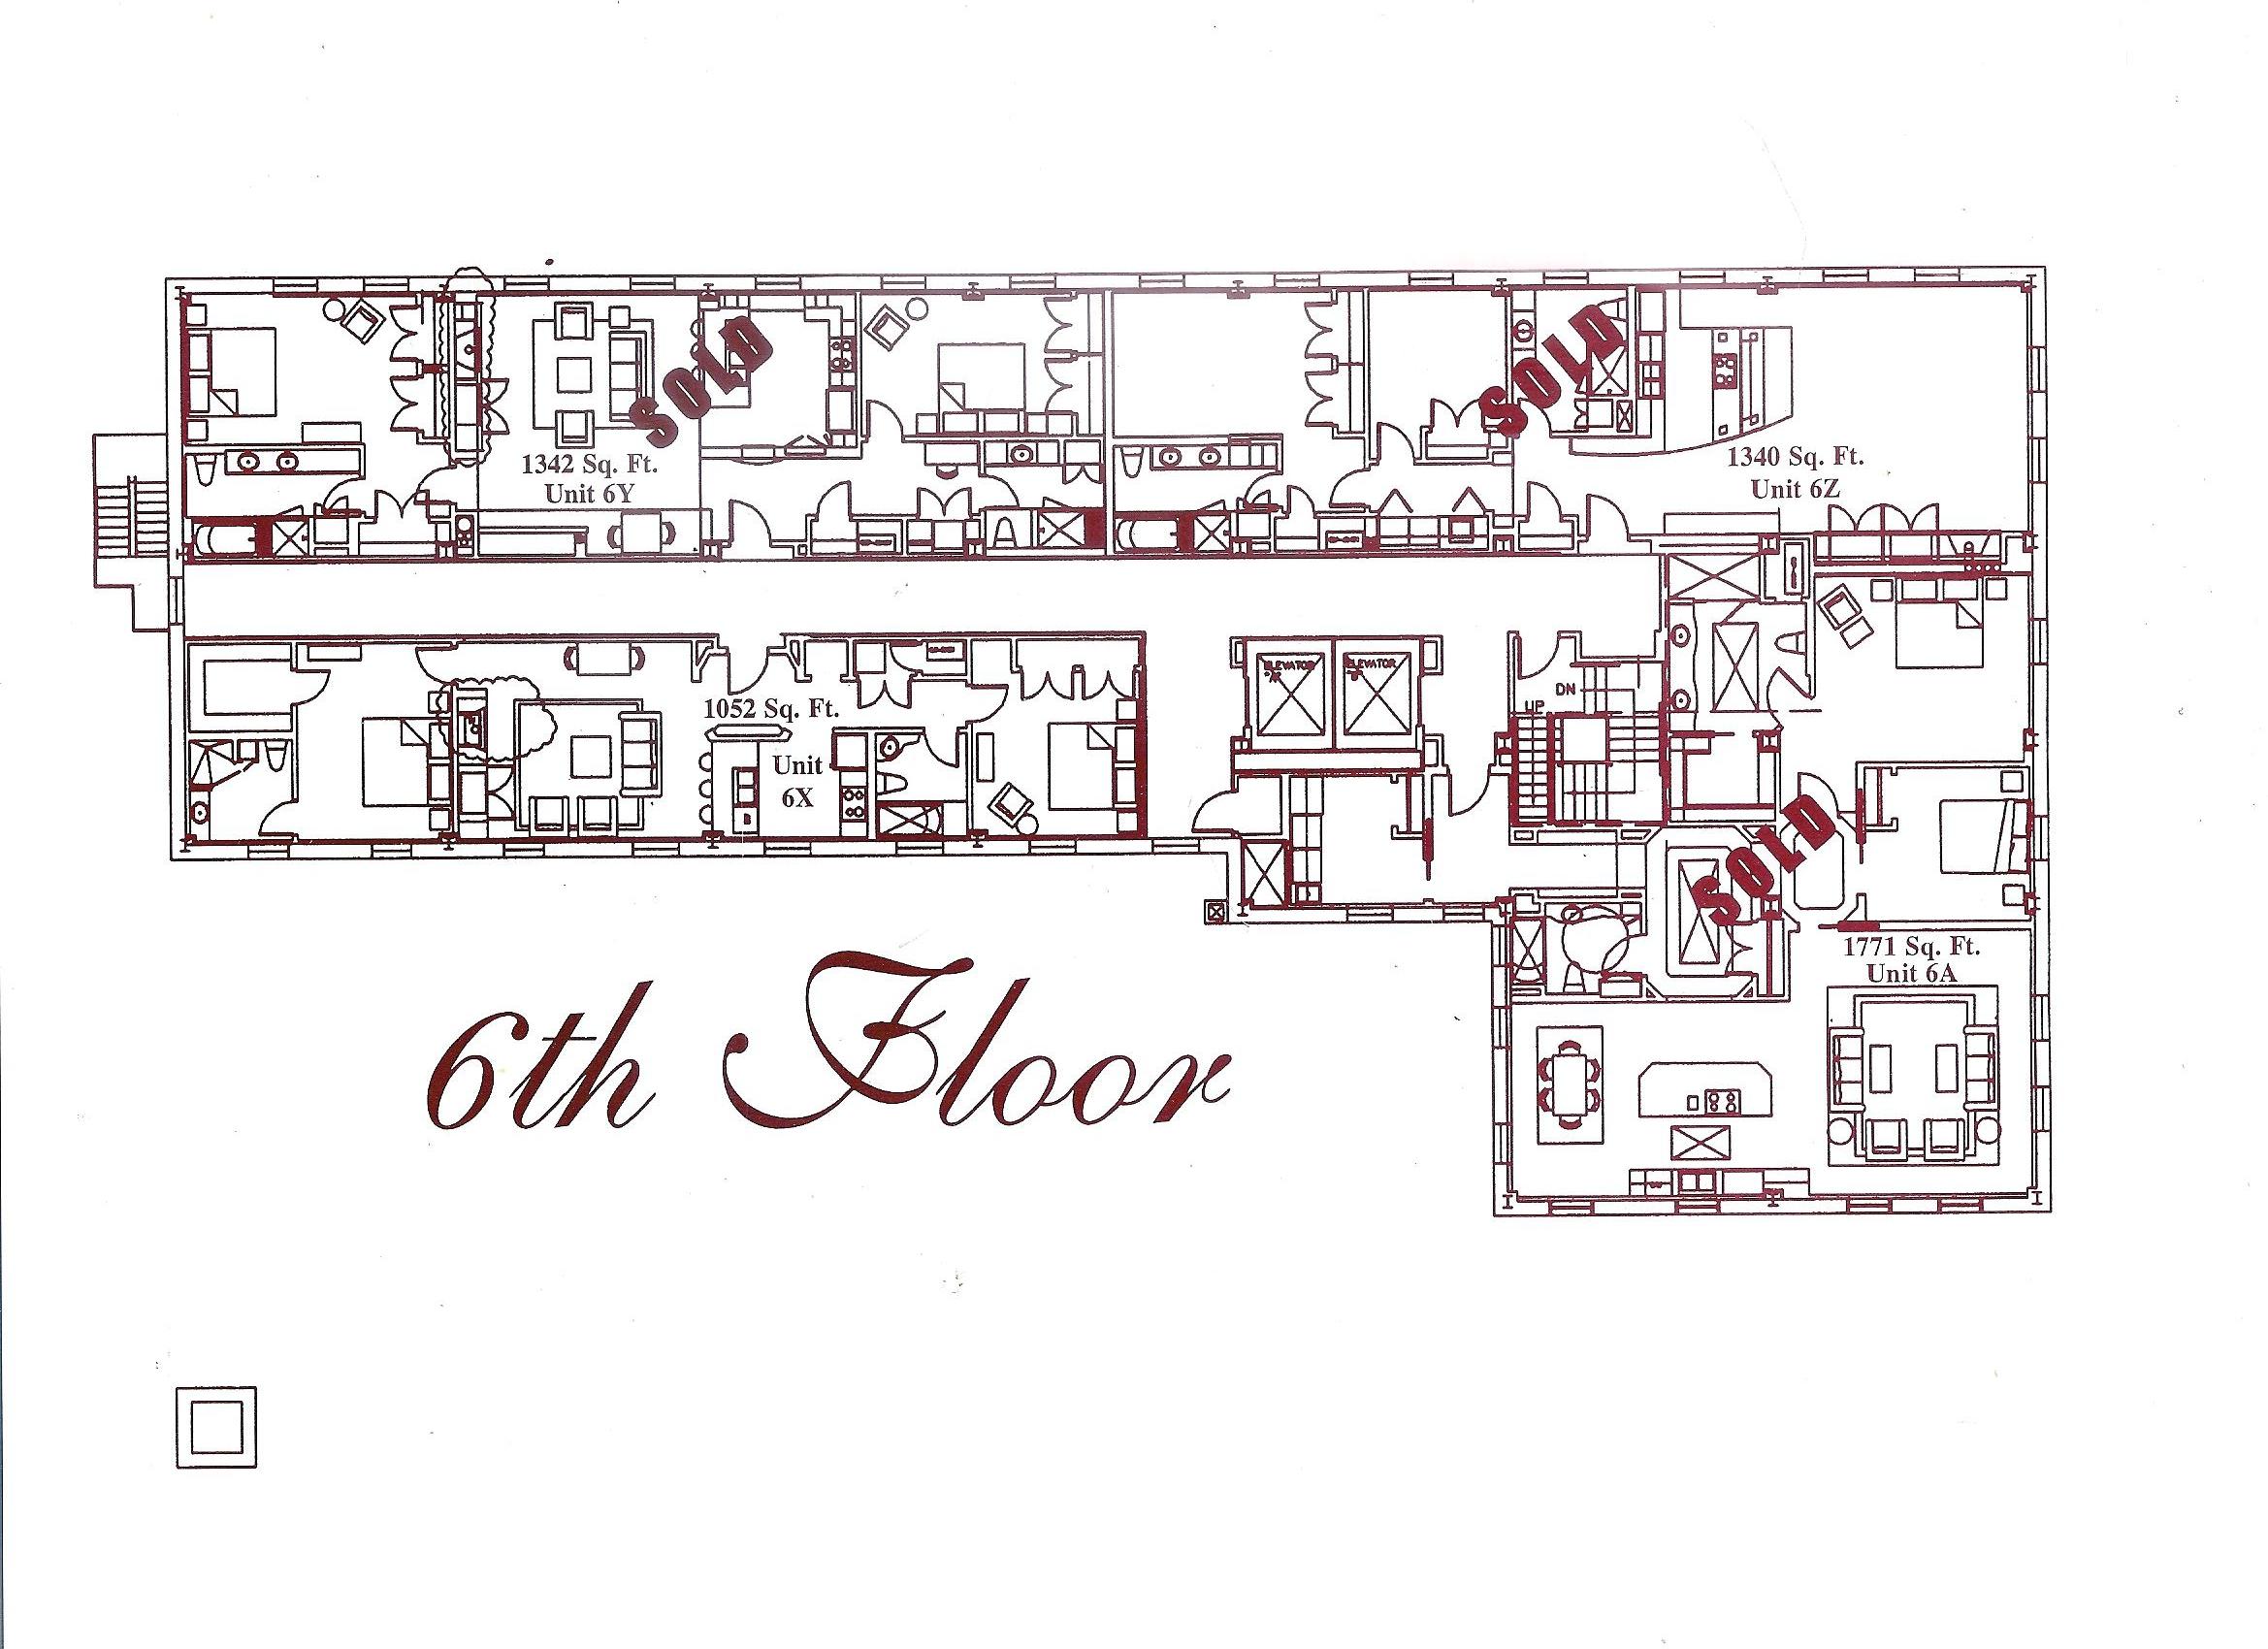 Sixth Floor Floor Plans.jpeg